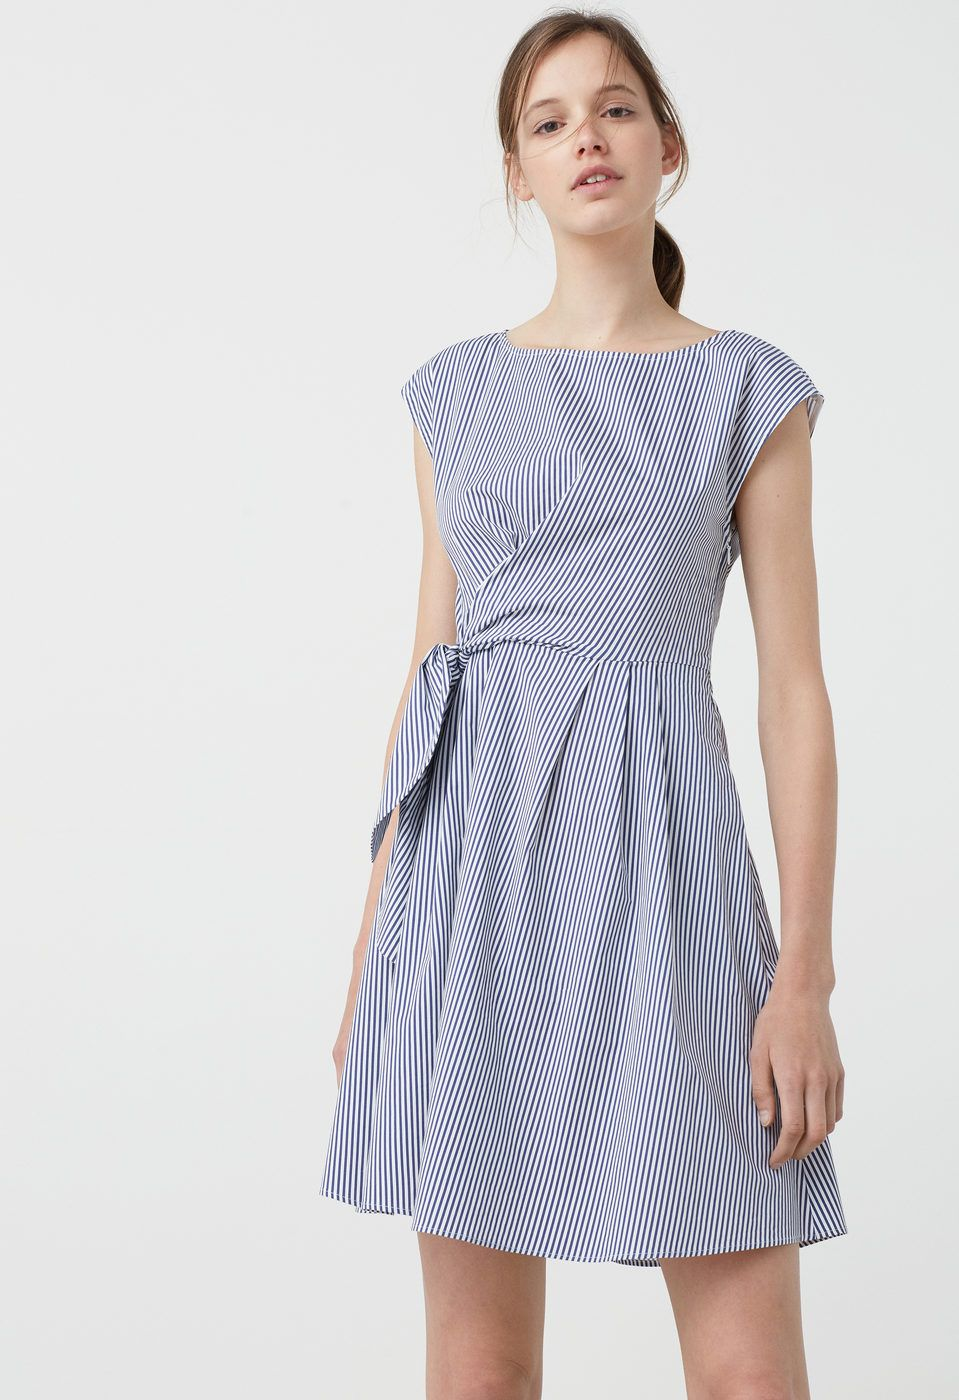 Poplin dress - Woman   Style   Dresses, Poplin dress, Clothes faf6fc119e